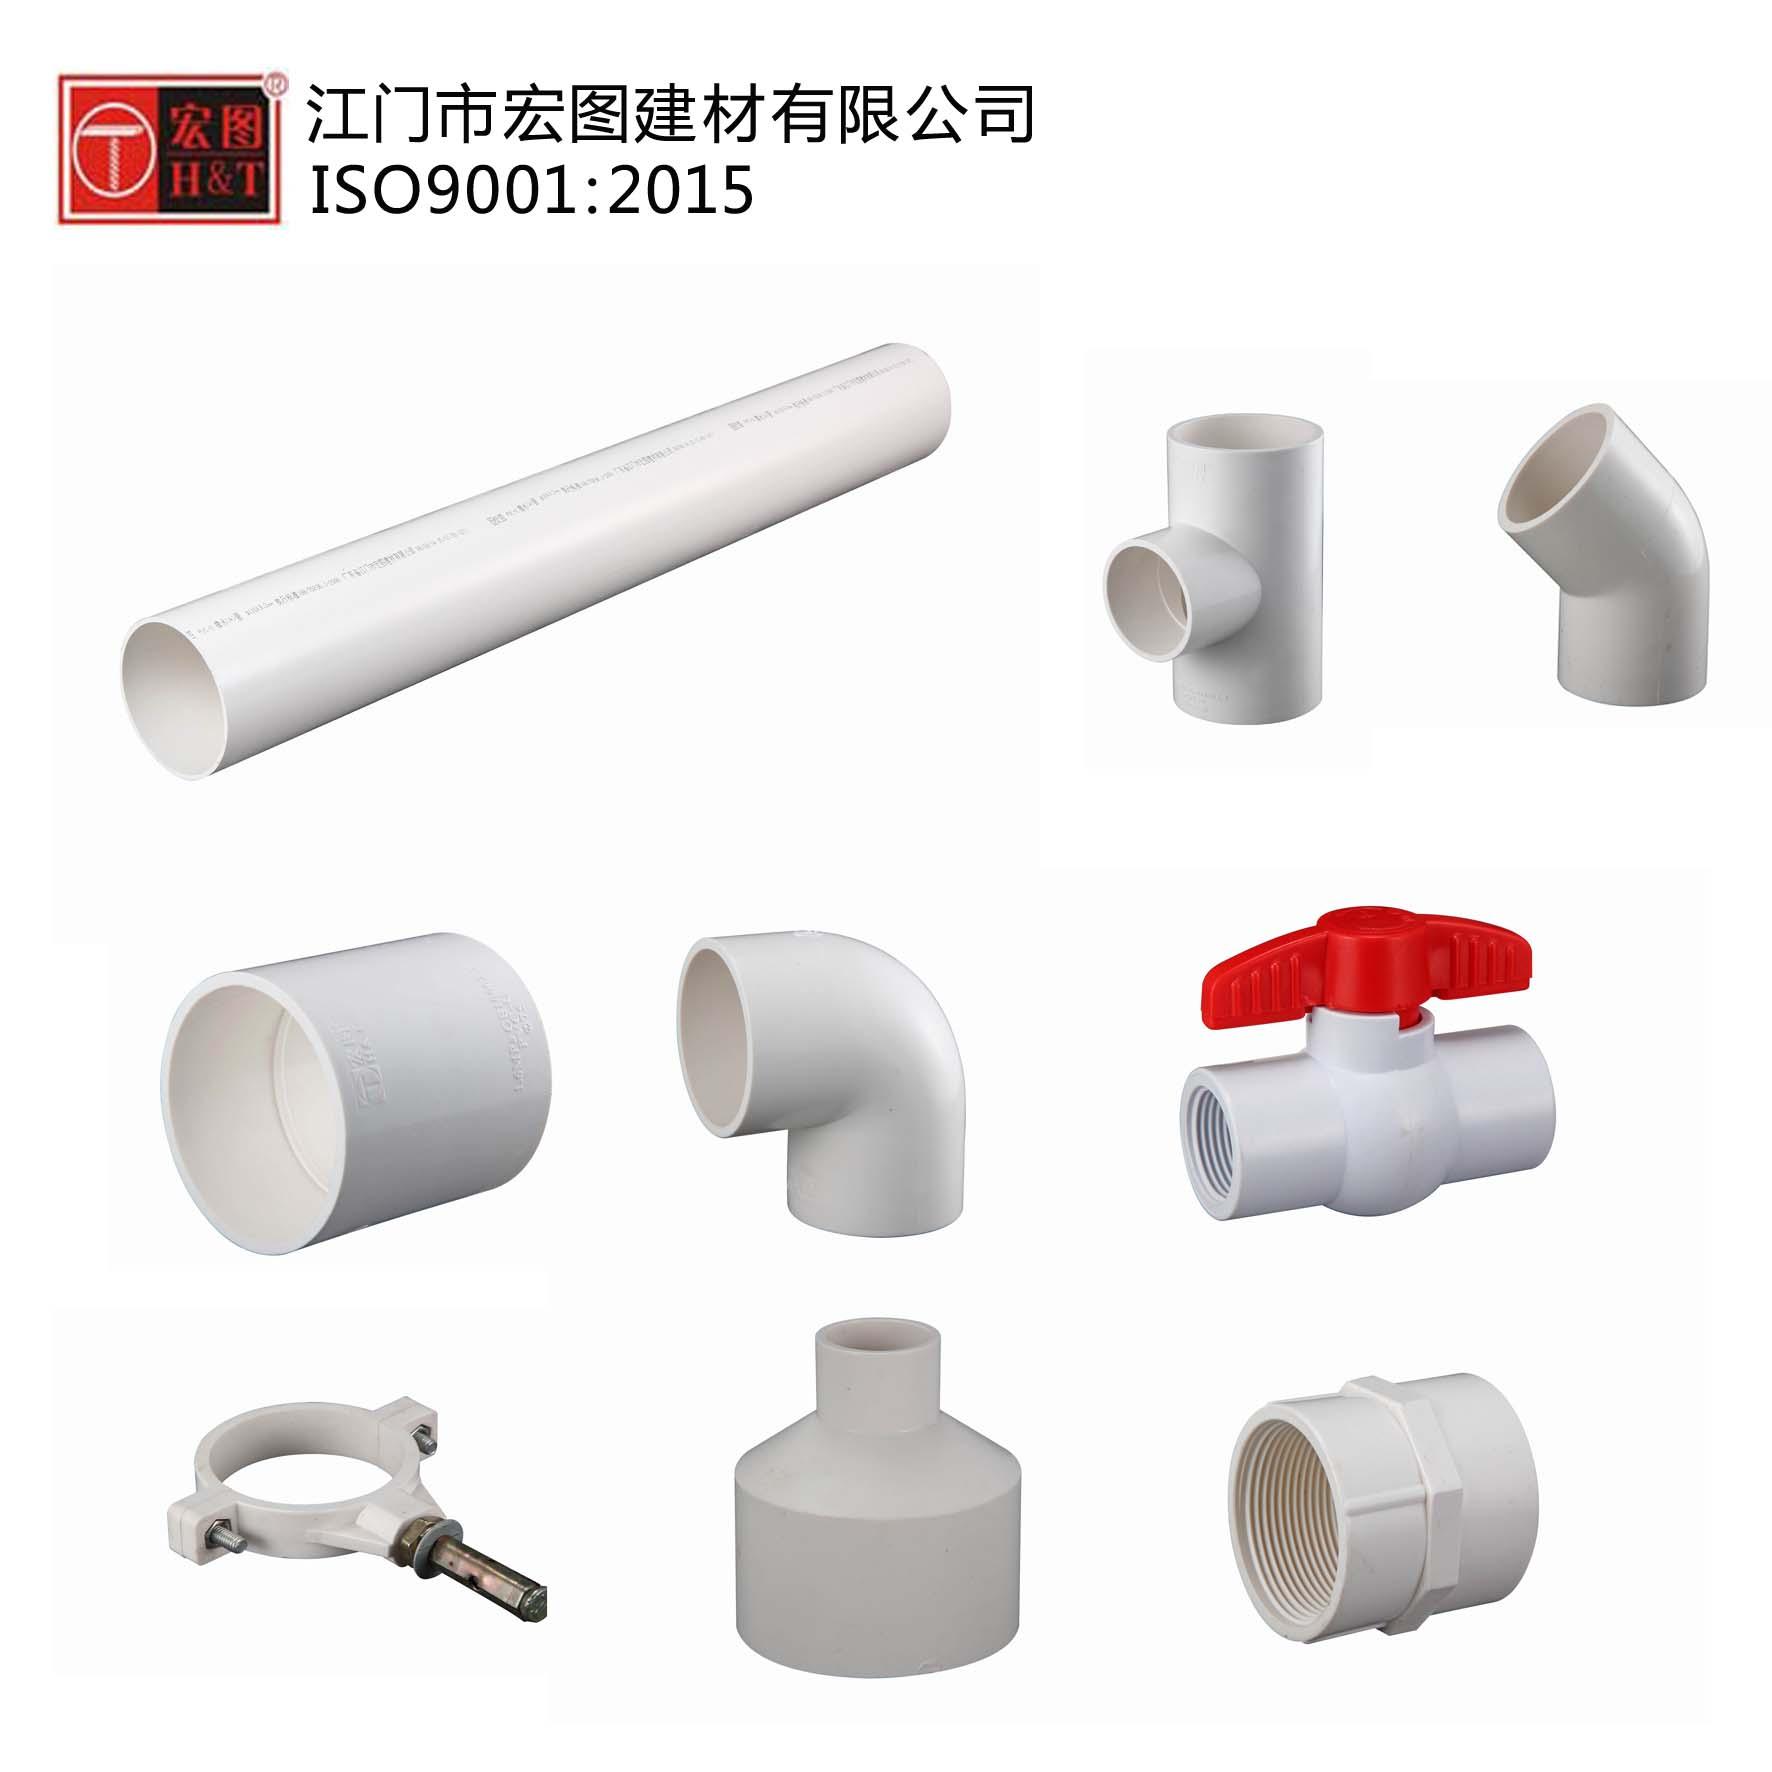 PVC-U DRAINAGE PIPE & FITTINGS